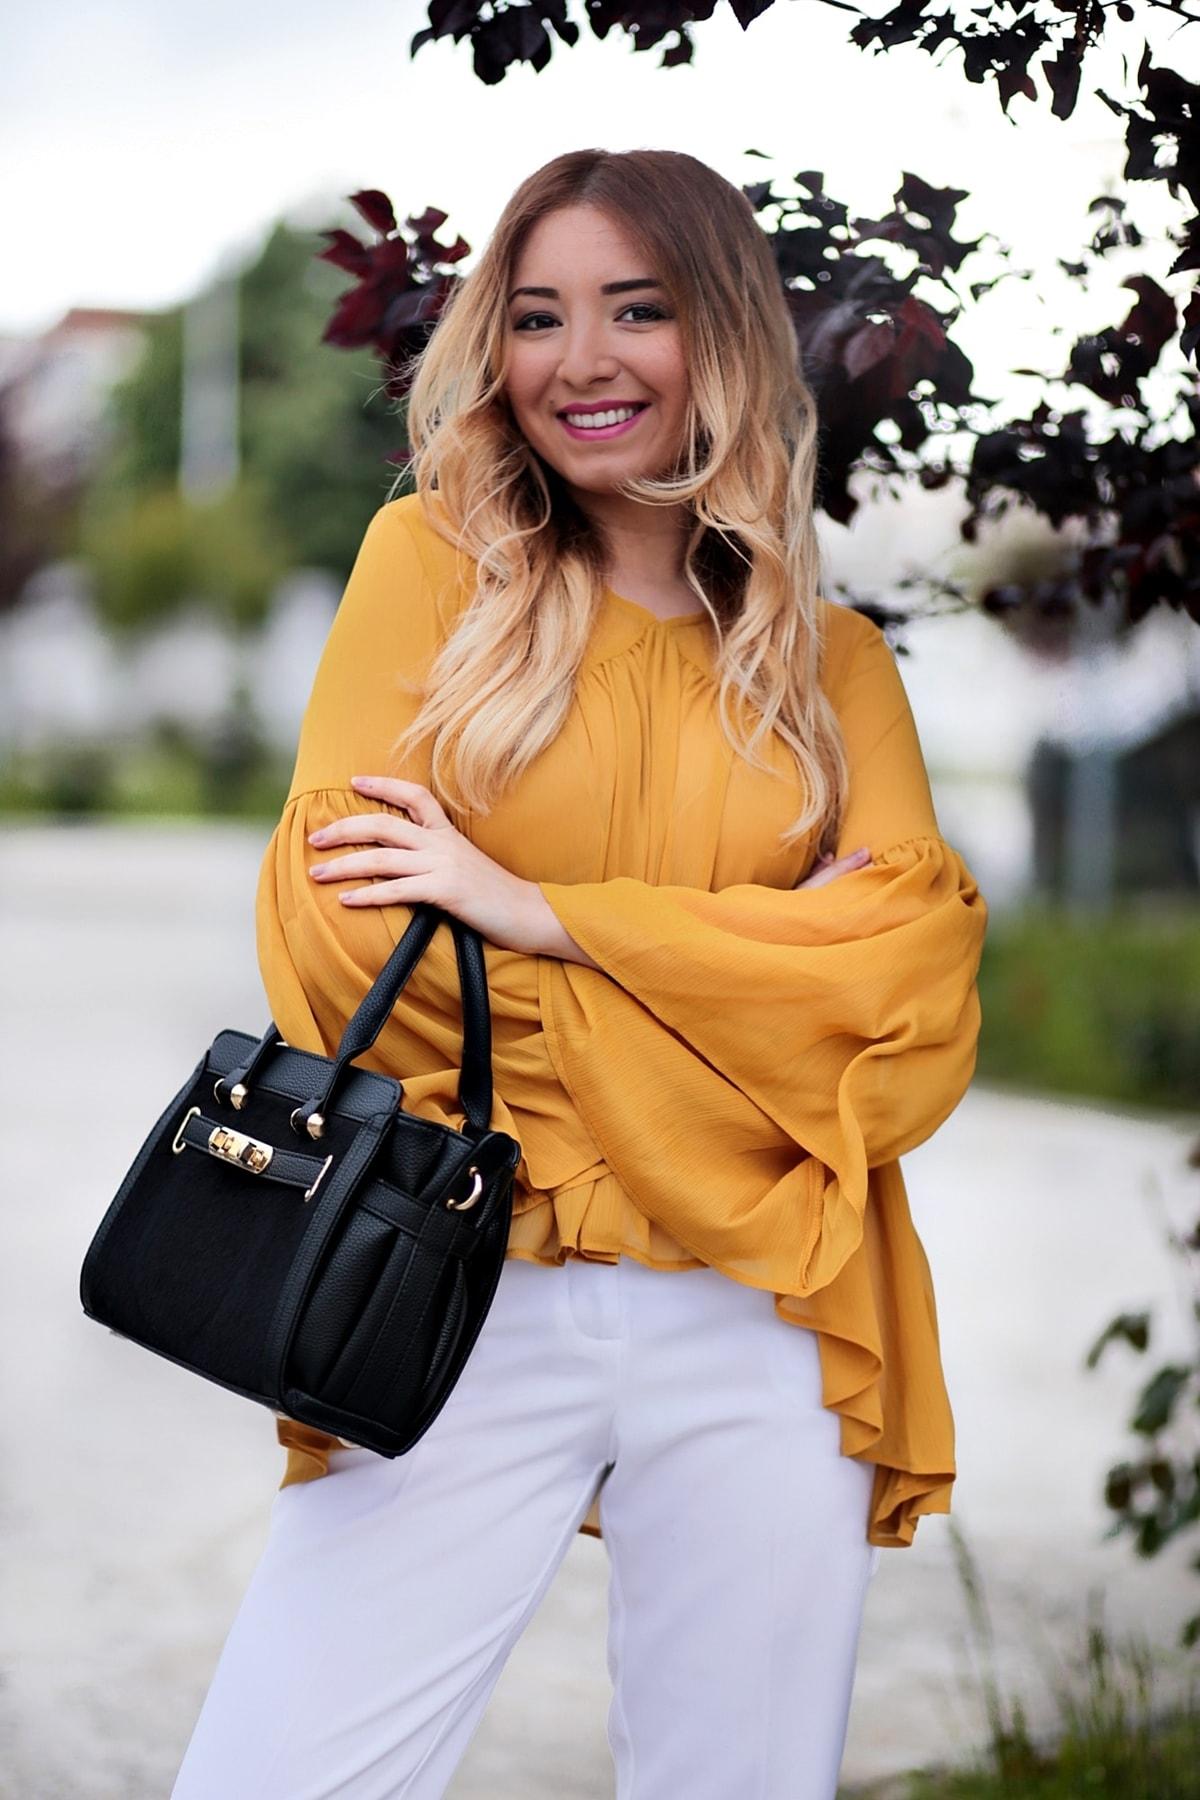 andreea ristea - fashion blogger